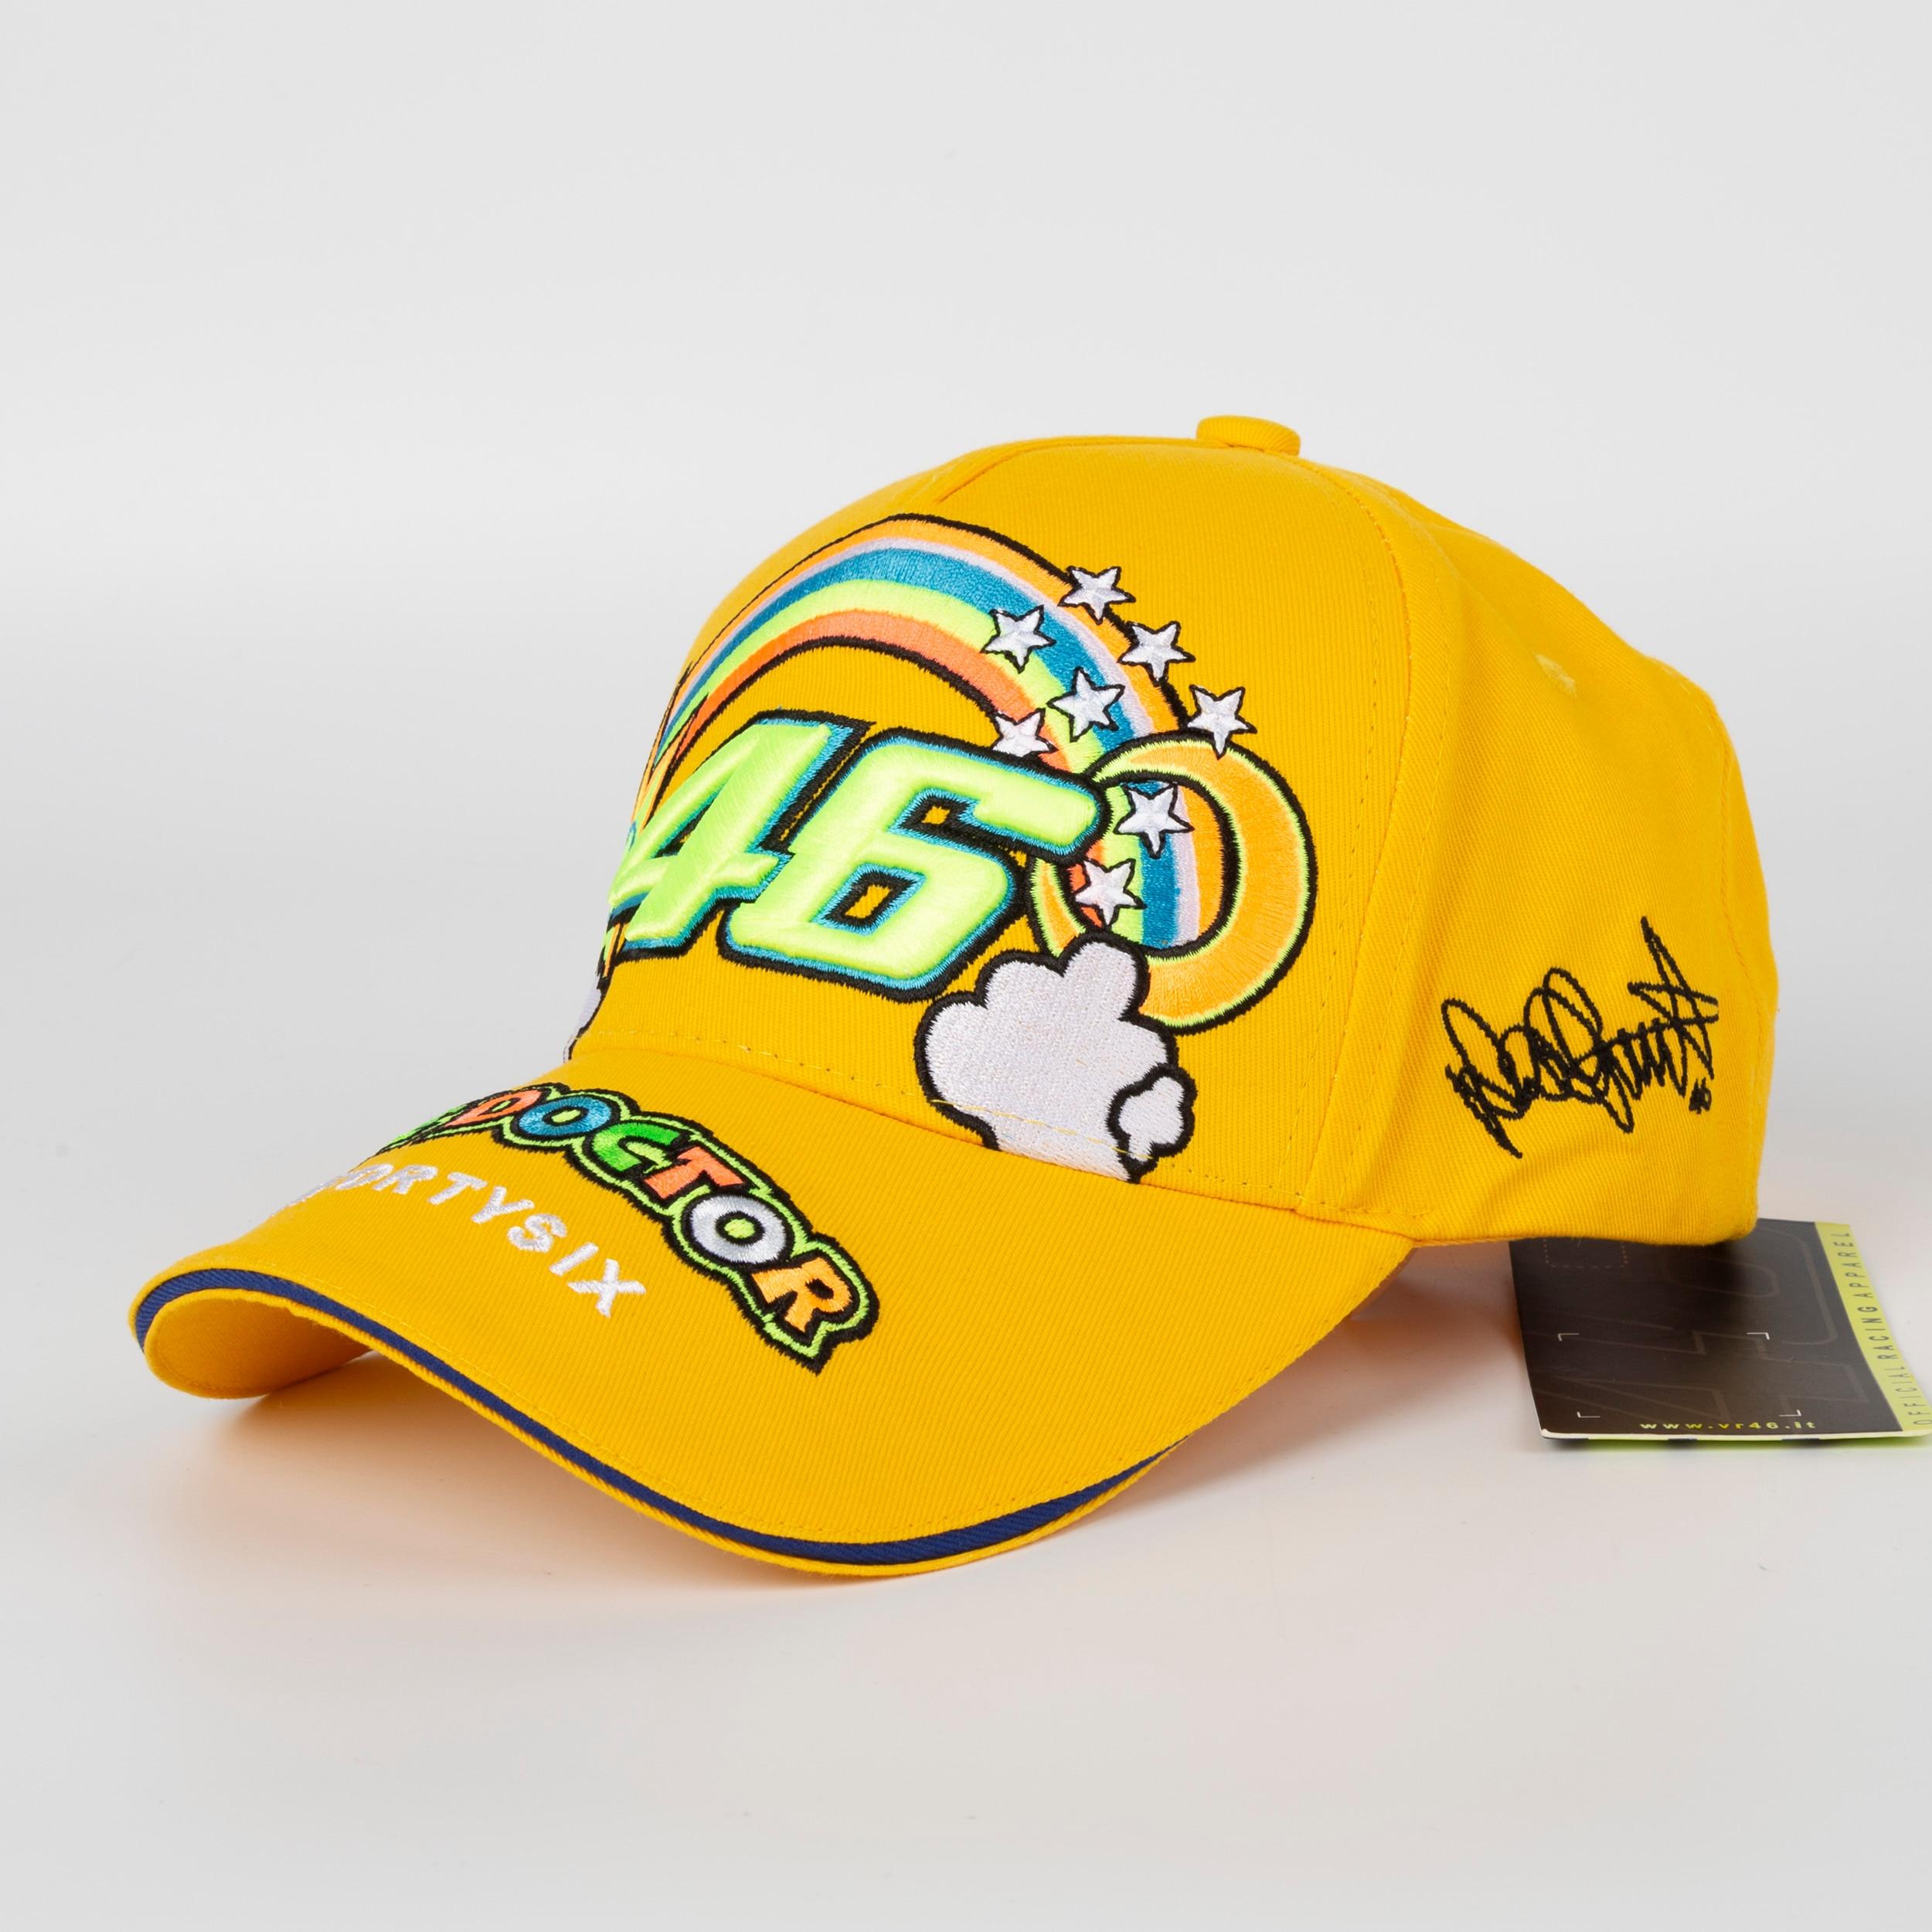 Gorra de béisbol con Velcro para hombre y mujer, sombrero de béisbol de alta calidad con Velcro para motocicleta, algodón lavado, para MOTO GP F1